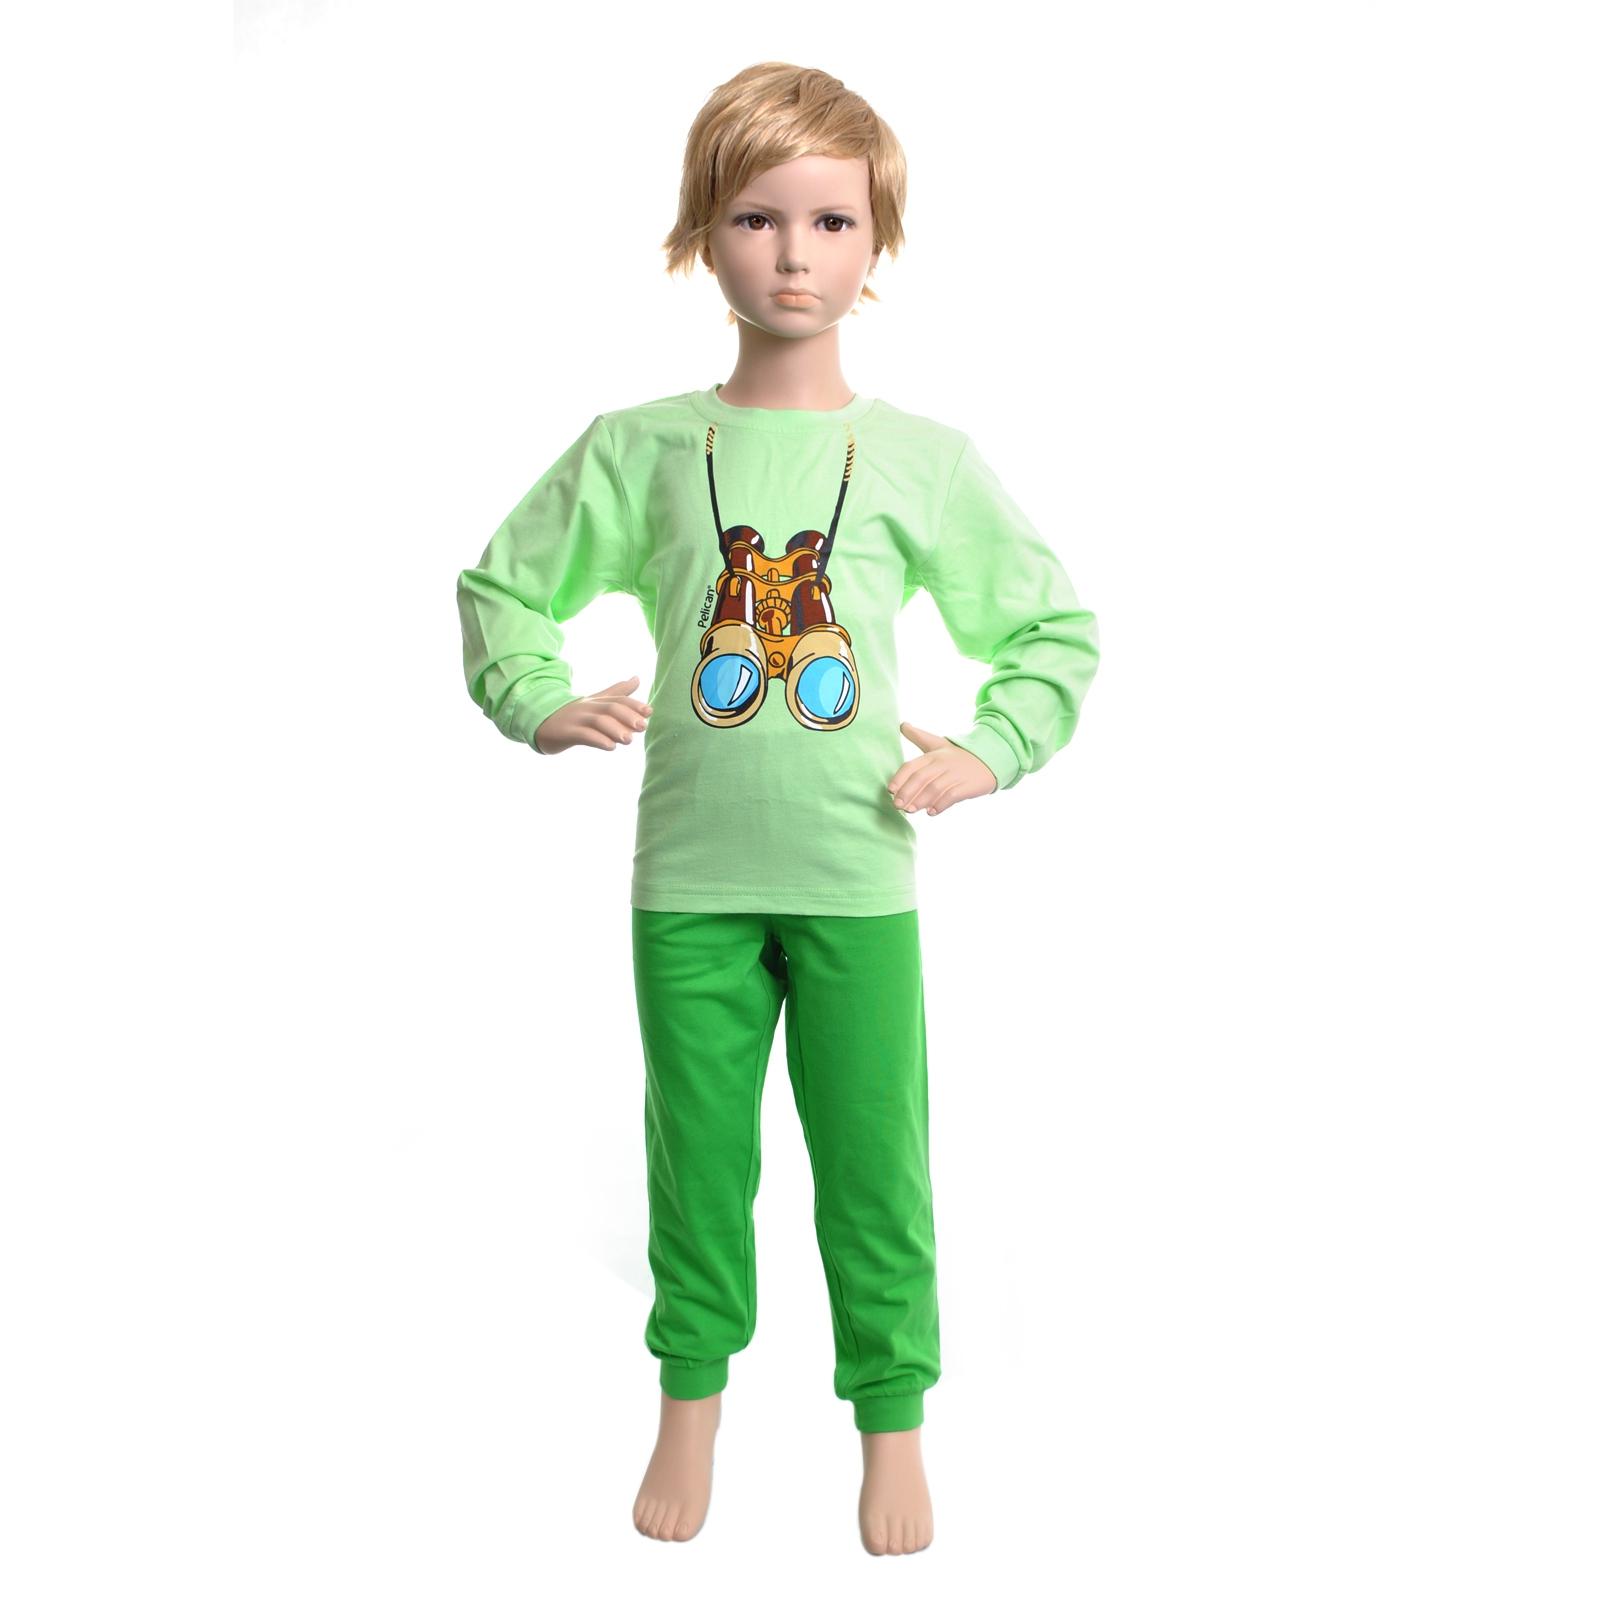 Пижама Pelican цвет Зеленый BNJP295 возраст 12-18 мес.